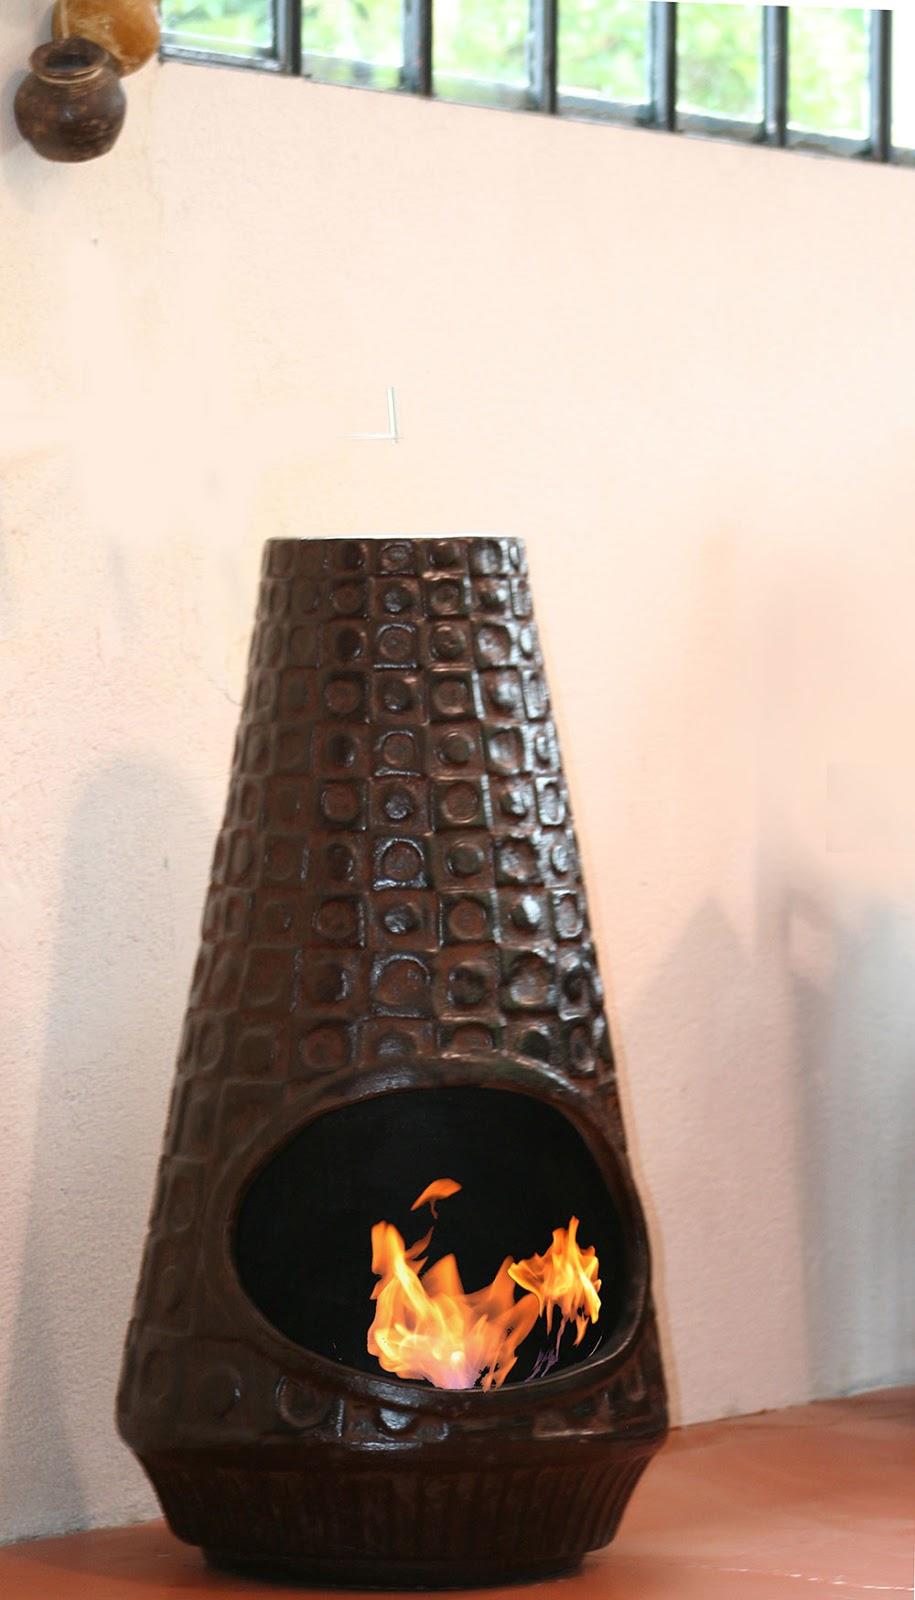 amadera meuble et d coration le charme thique du mexique authentique communiqu s de presse. Black Bedroom Furniture Sets. Home Design Ideas